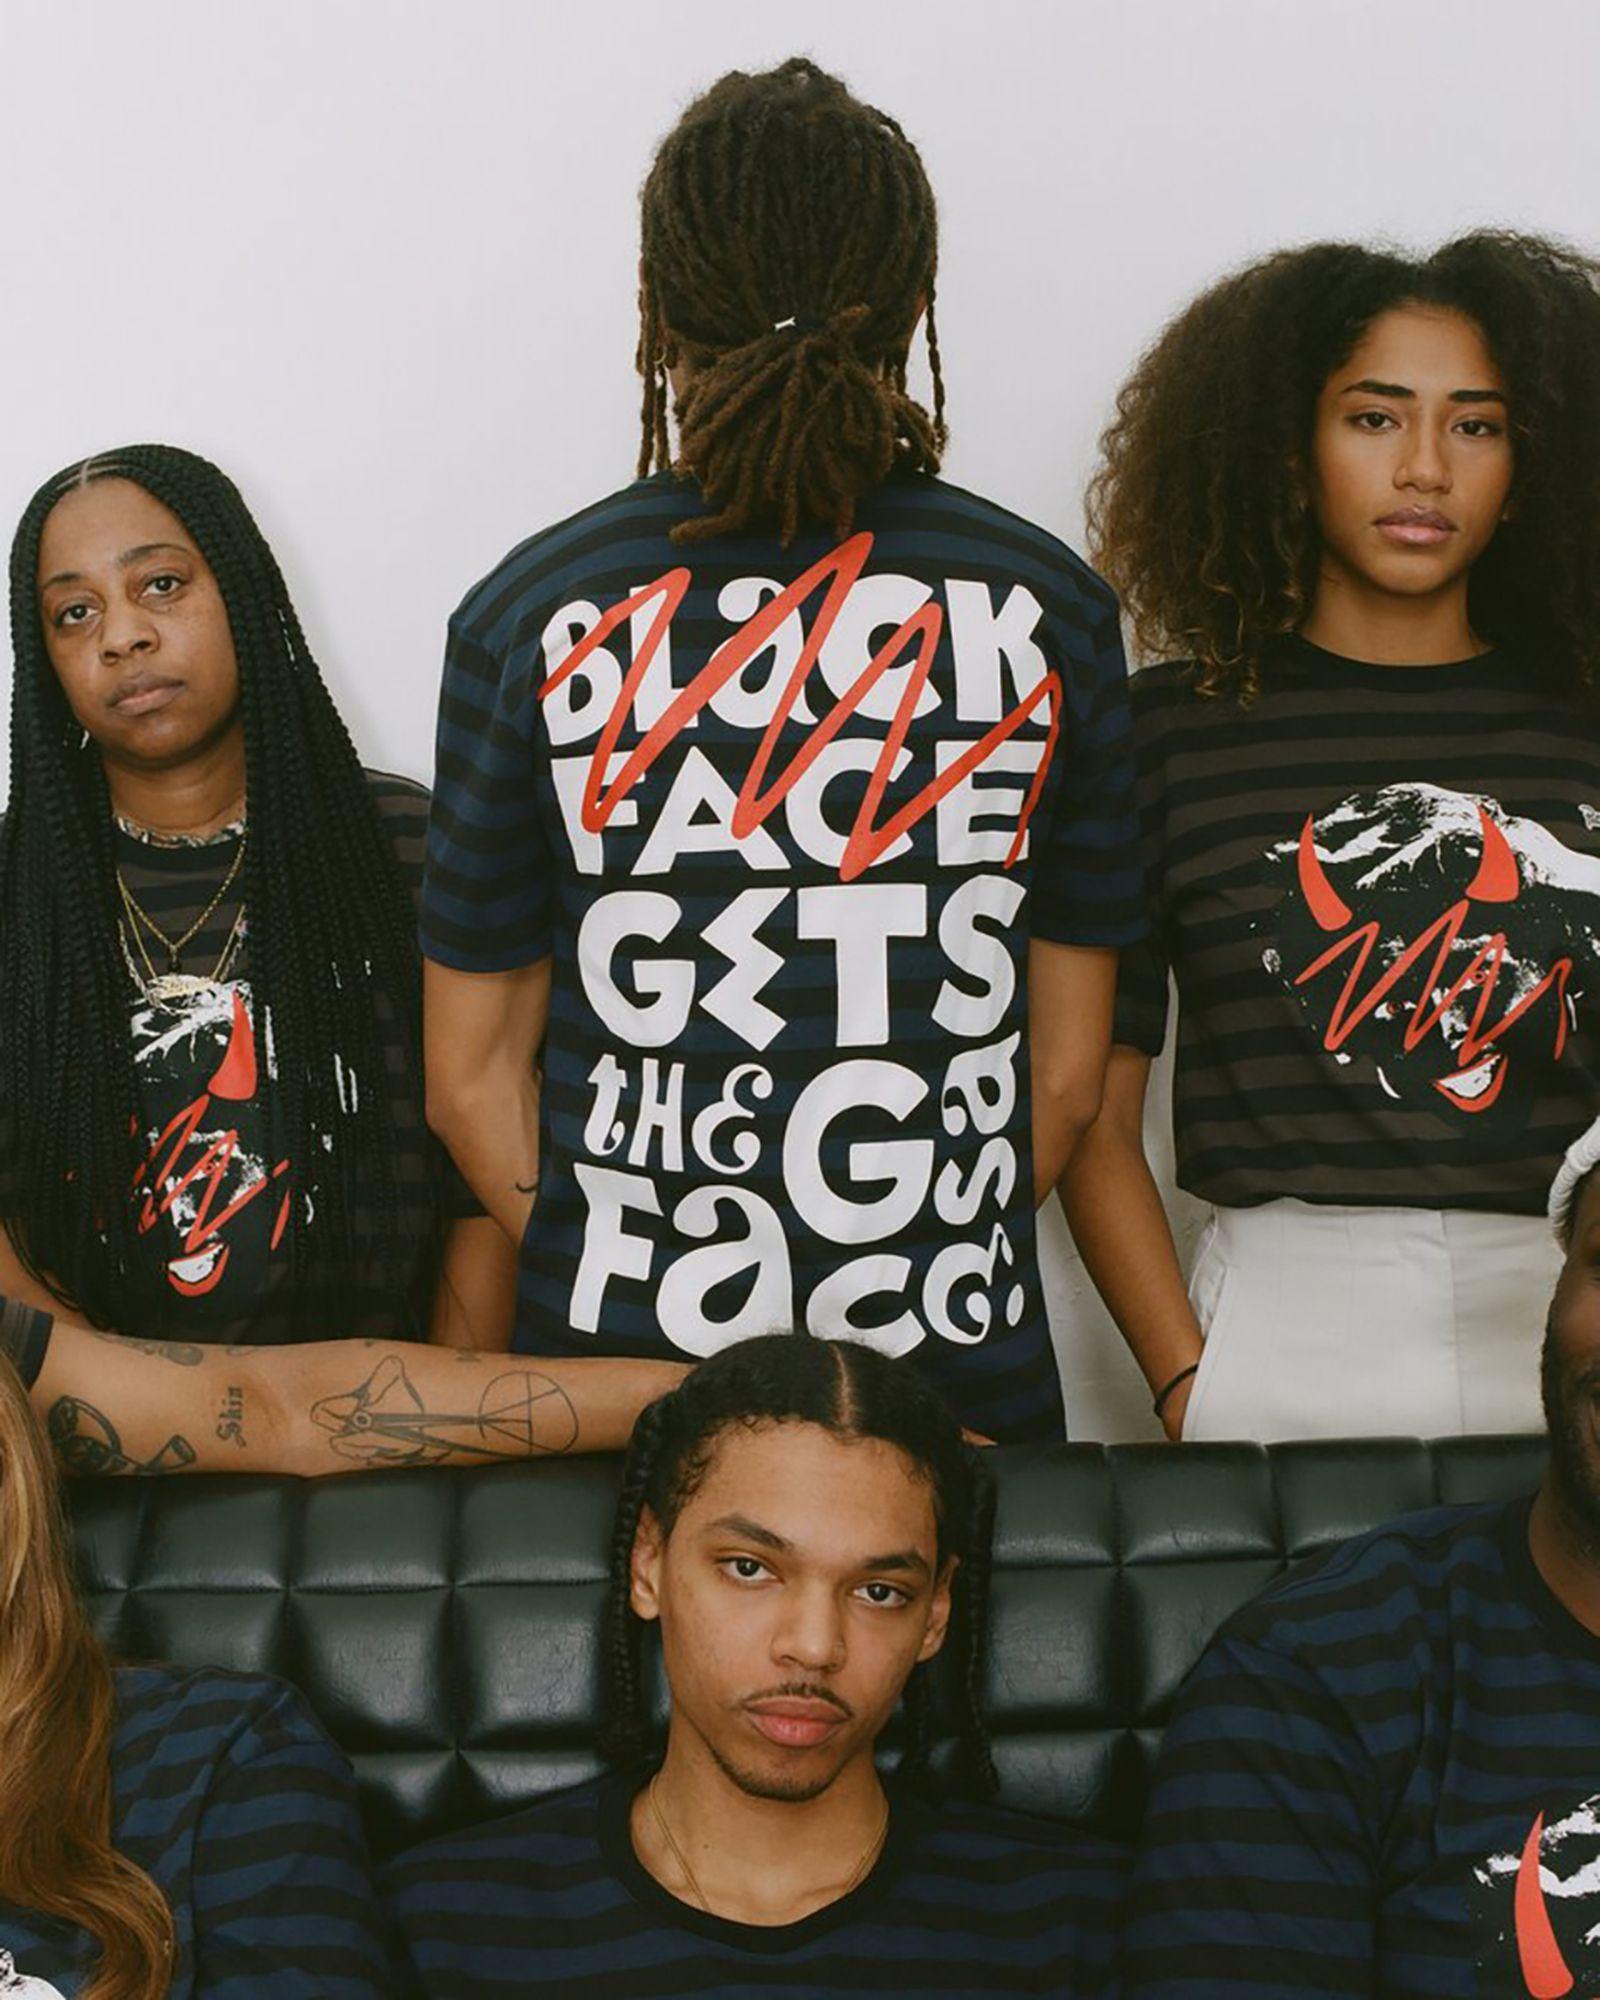 Patta x Piet Parra Blackface Gets The Gas Face T-shirt